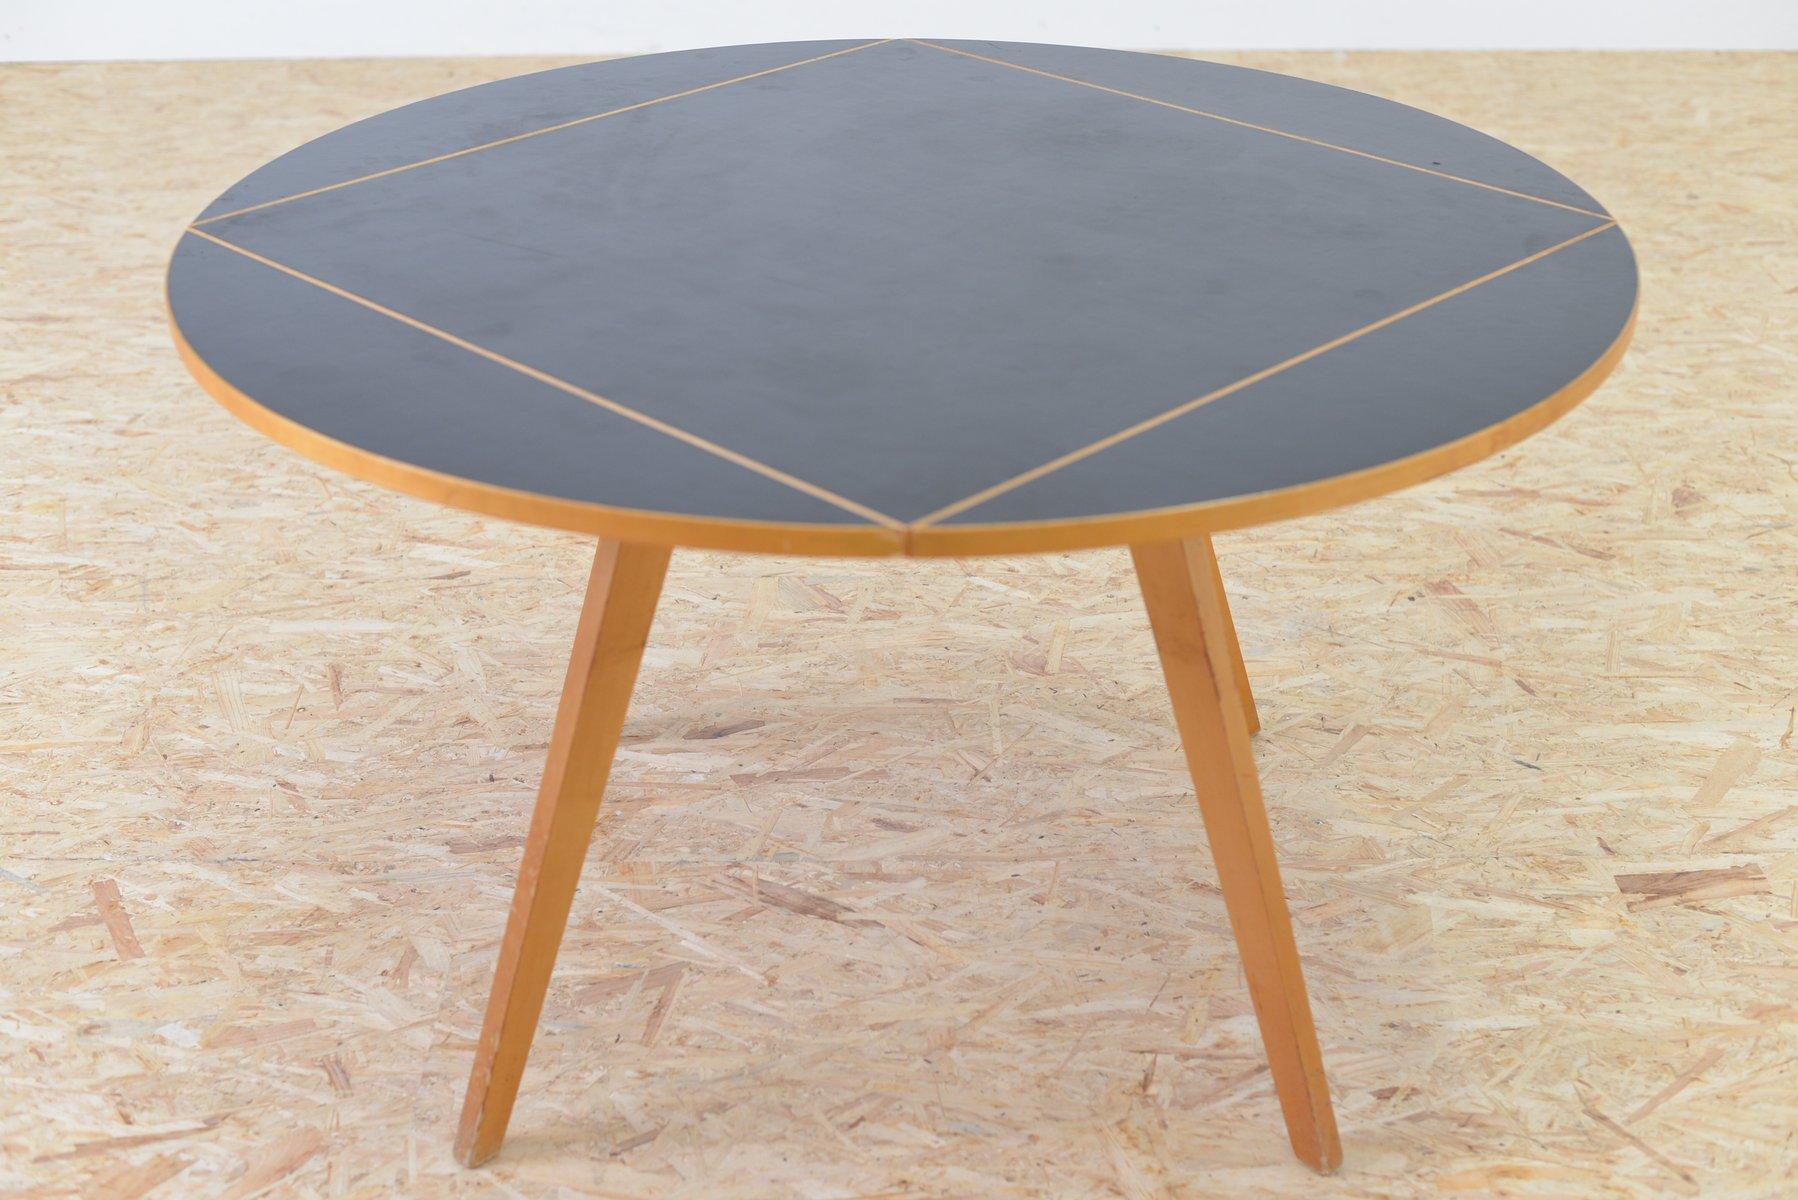 Vintage quadratrund tisch von max bill f r horgen glarus for Tisch billig